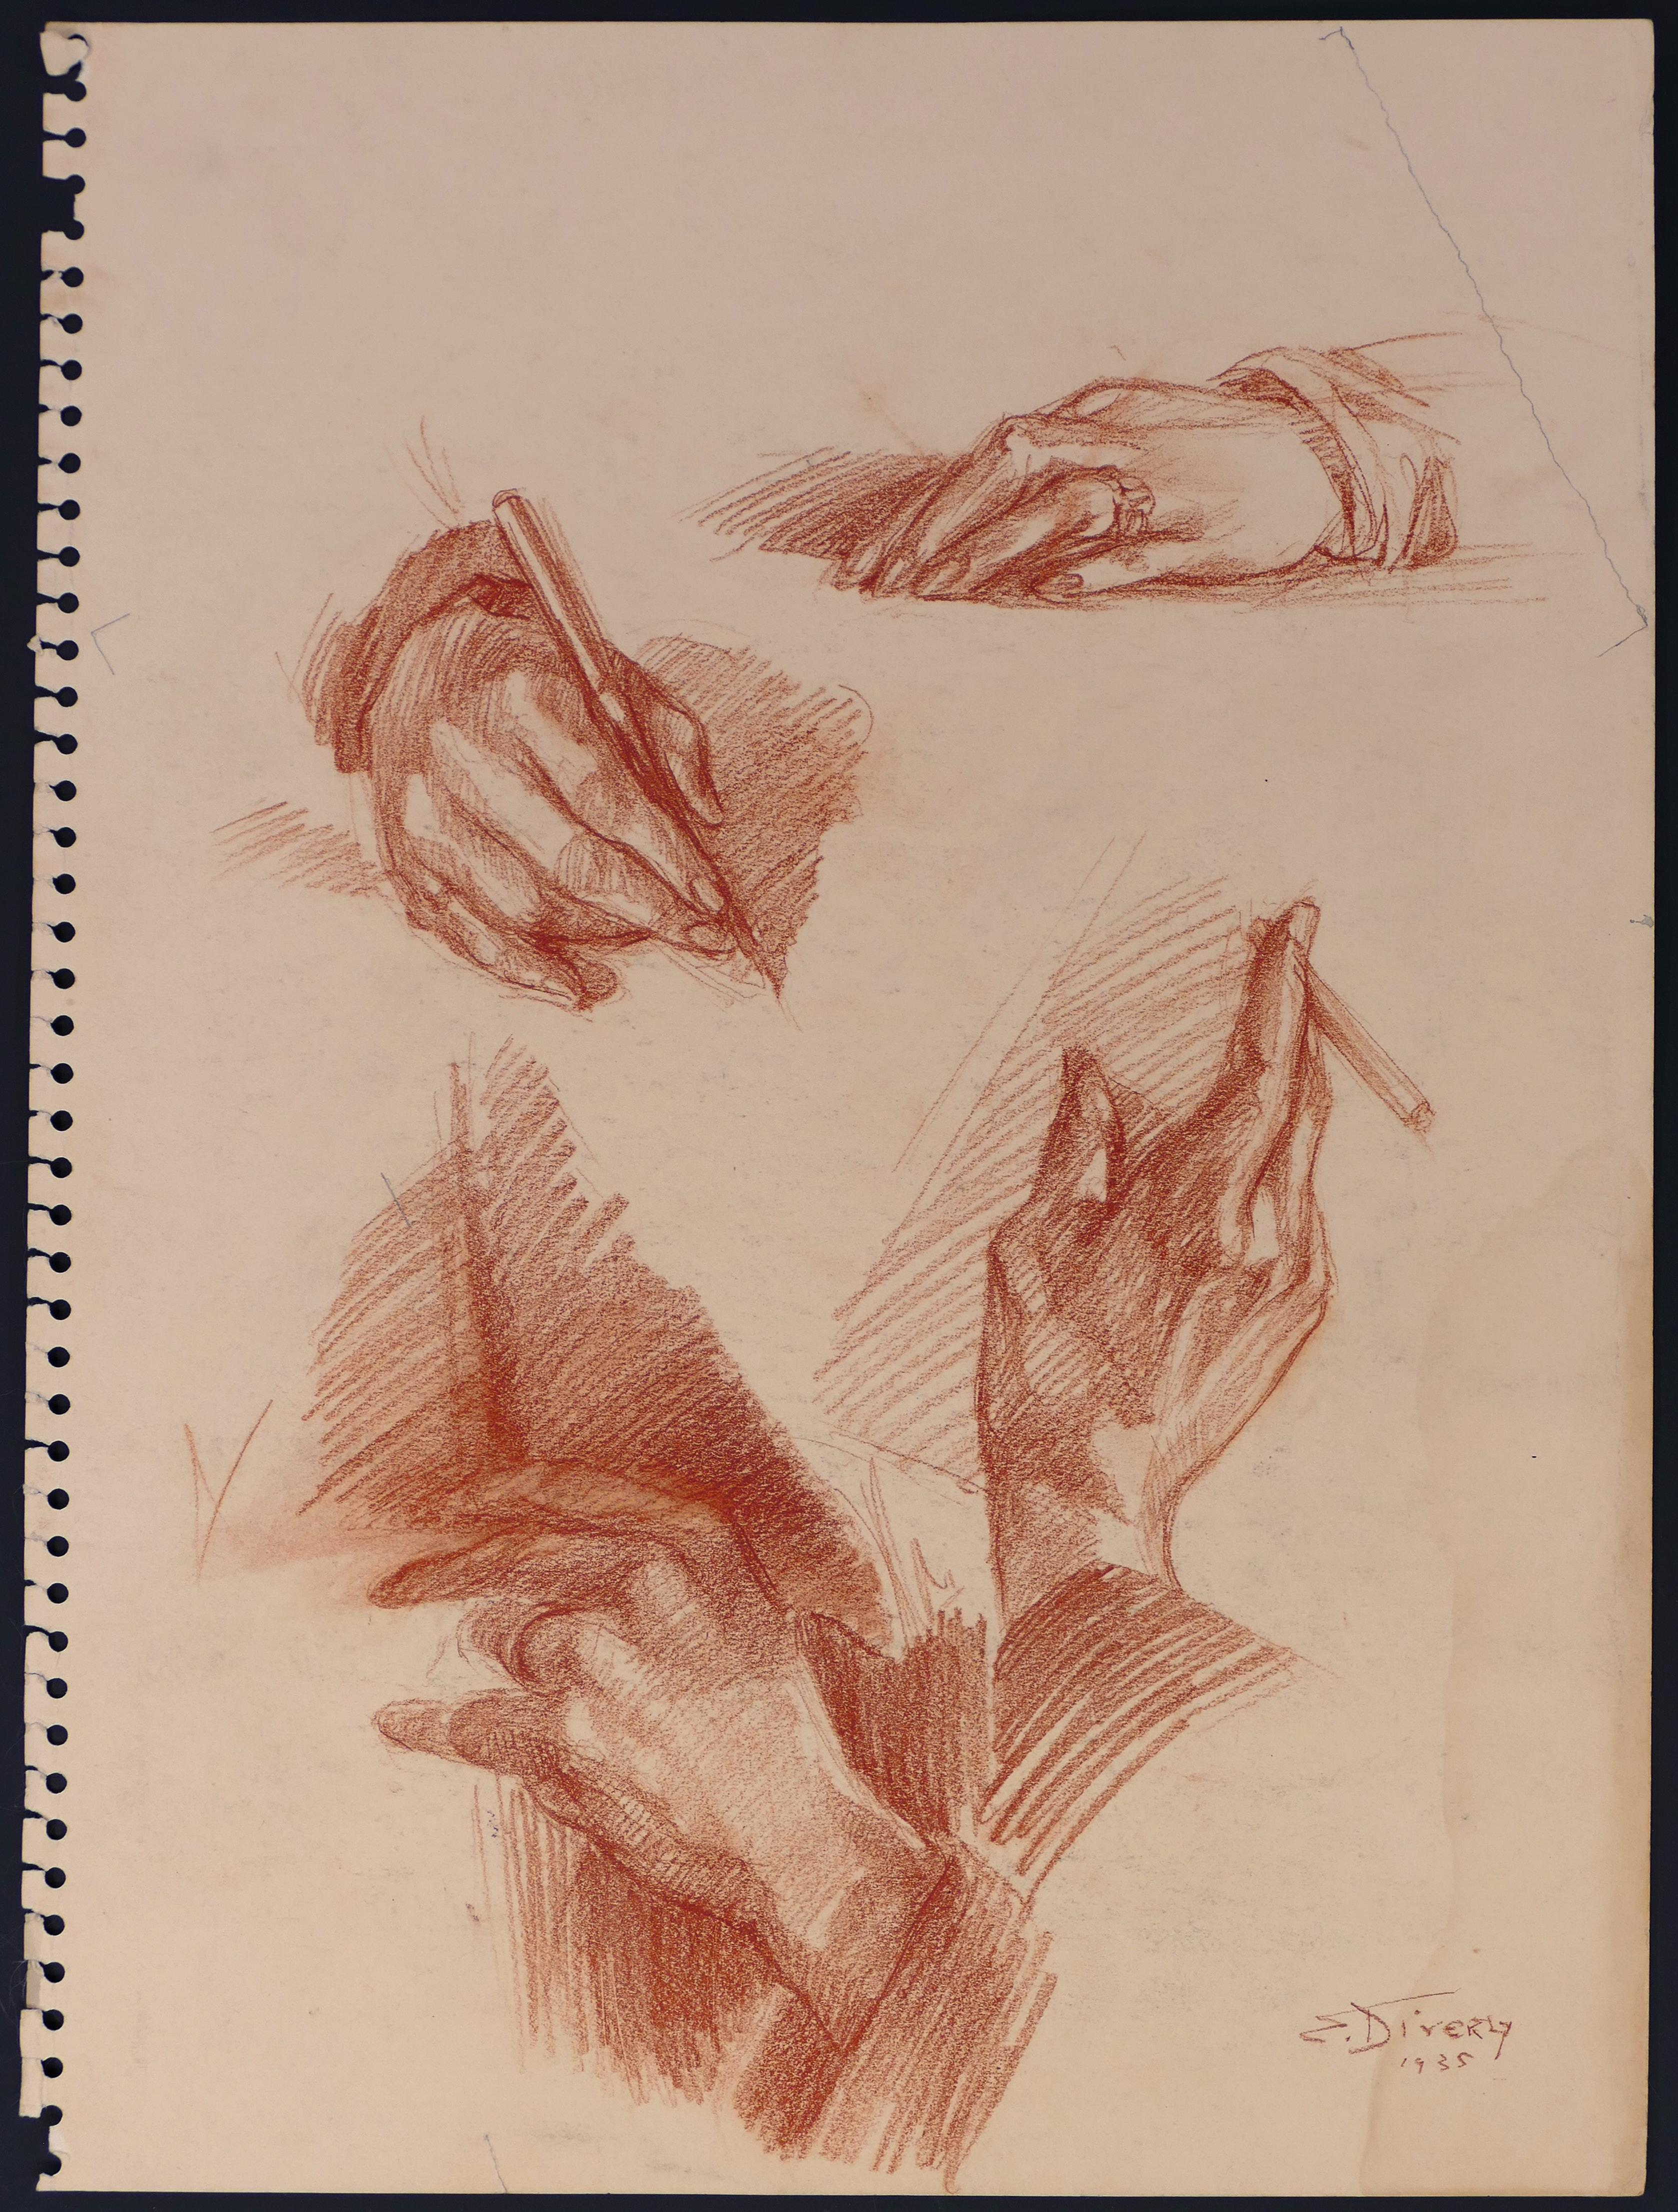 La main de mon père - Sanguine on Paper by E. Diverly - 1935